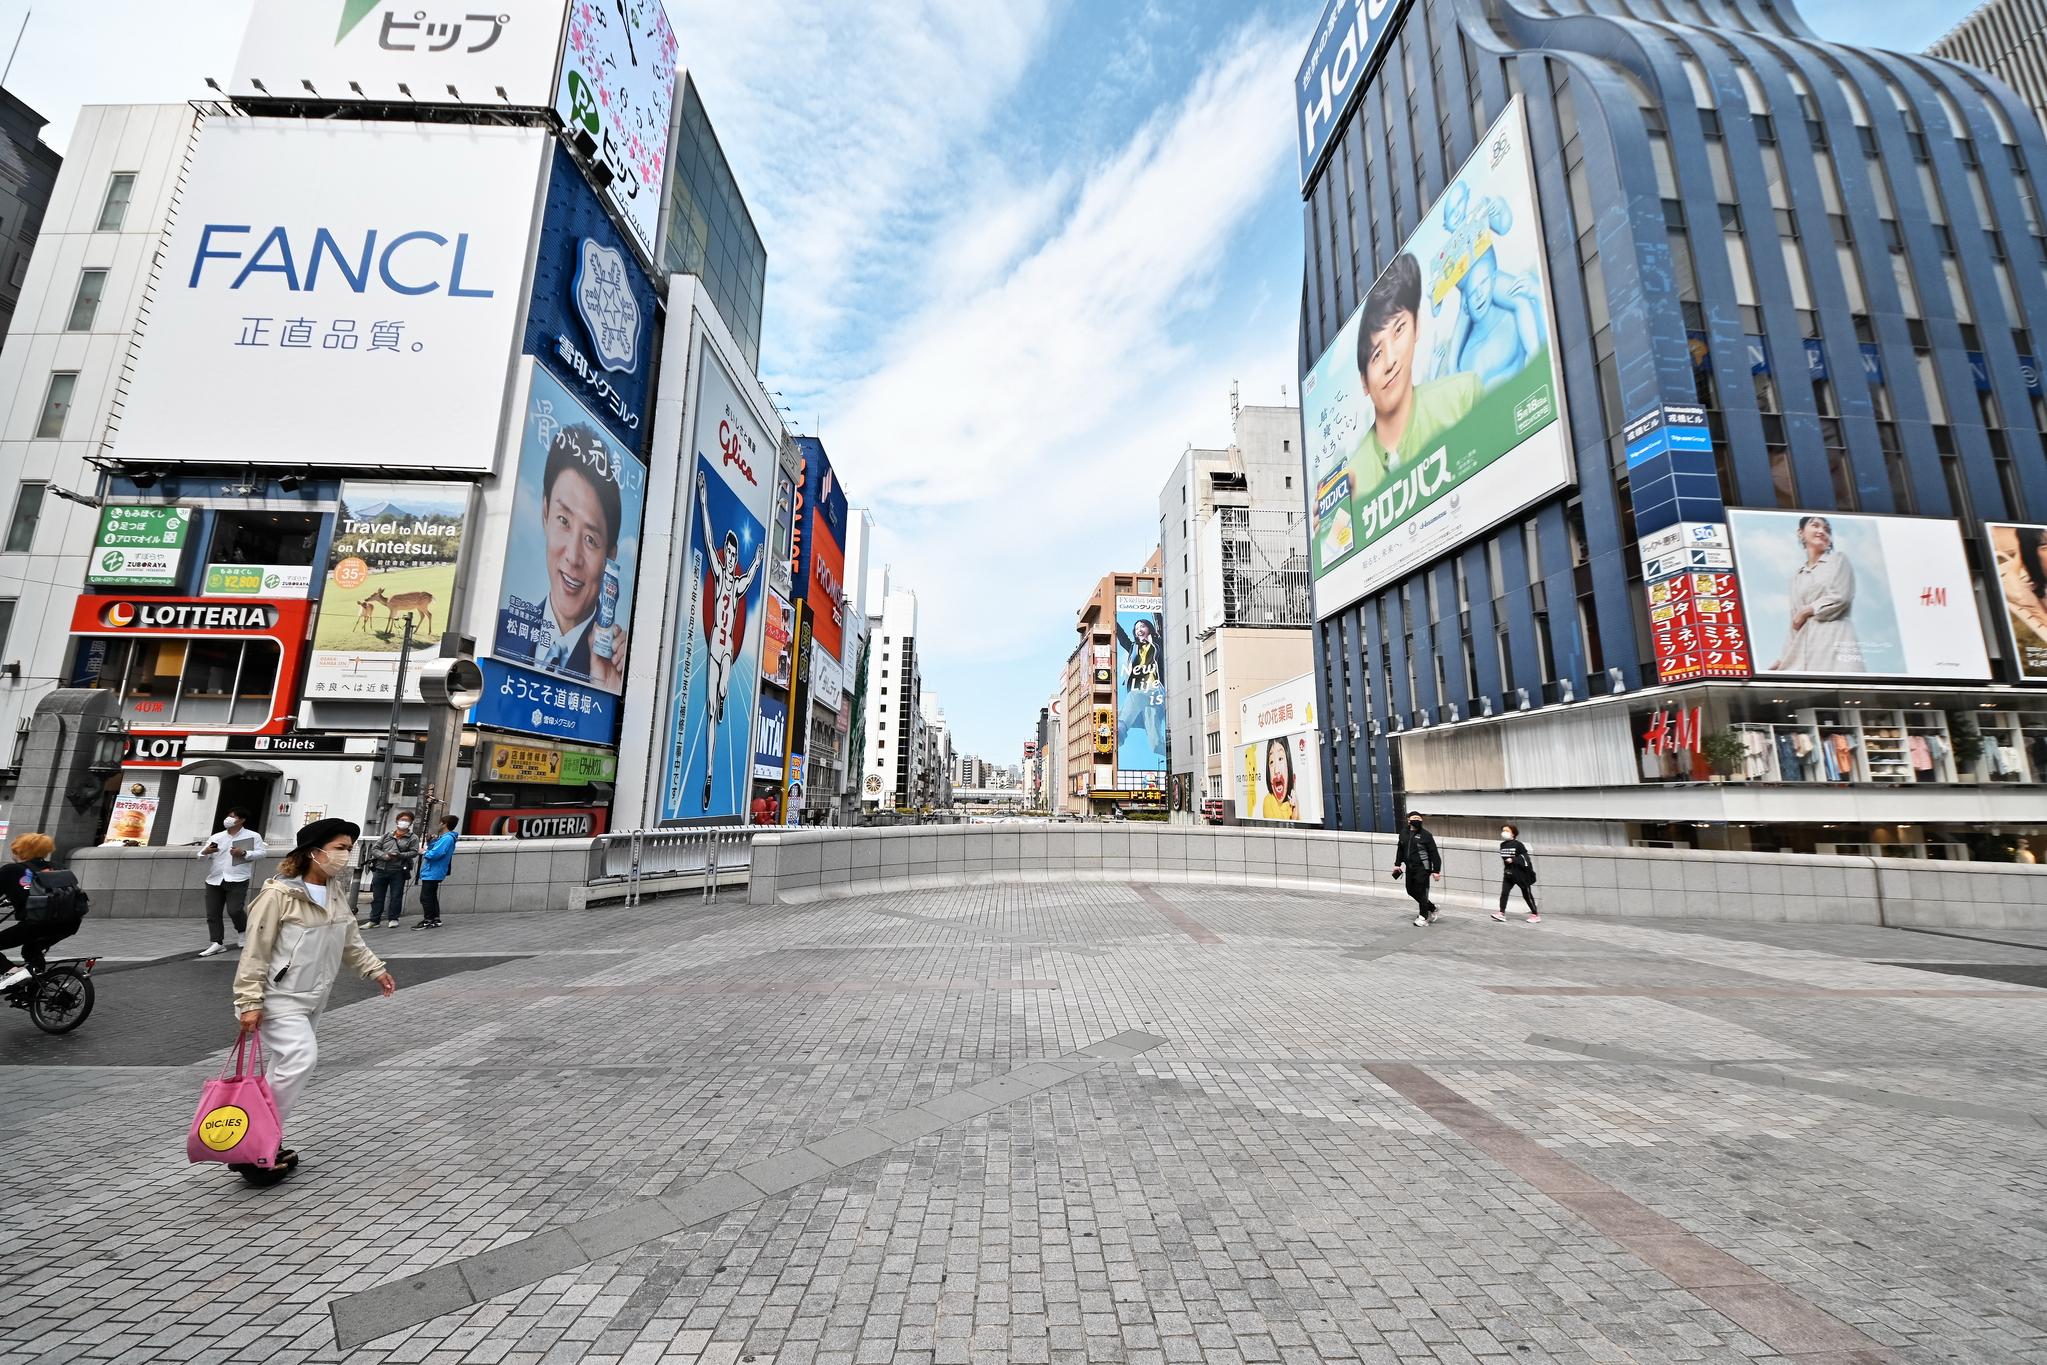 25일 일본 오사카의 유명한 쇼핑거리인 도톤보리 풍경. 코로나 사태 이후 세번째 긴급사태가 발령된 이날 오사카 시내는 행인이 거의 없어 도심이 텅 비었다. UPI=연합뉴스